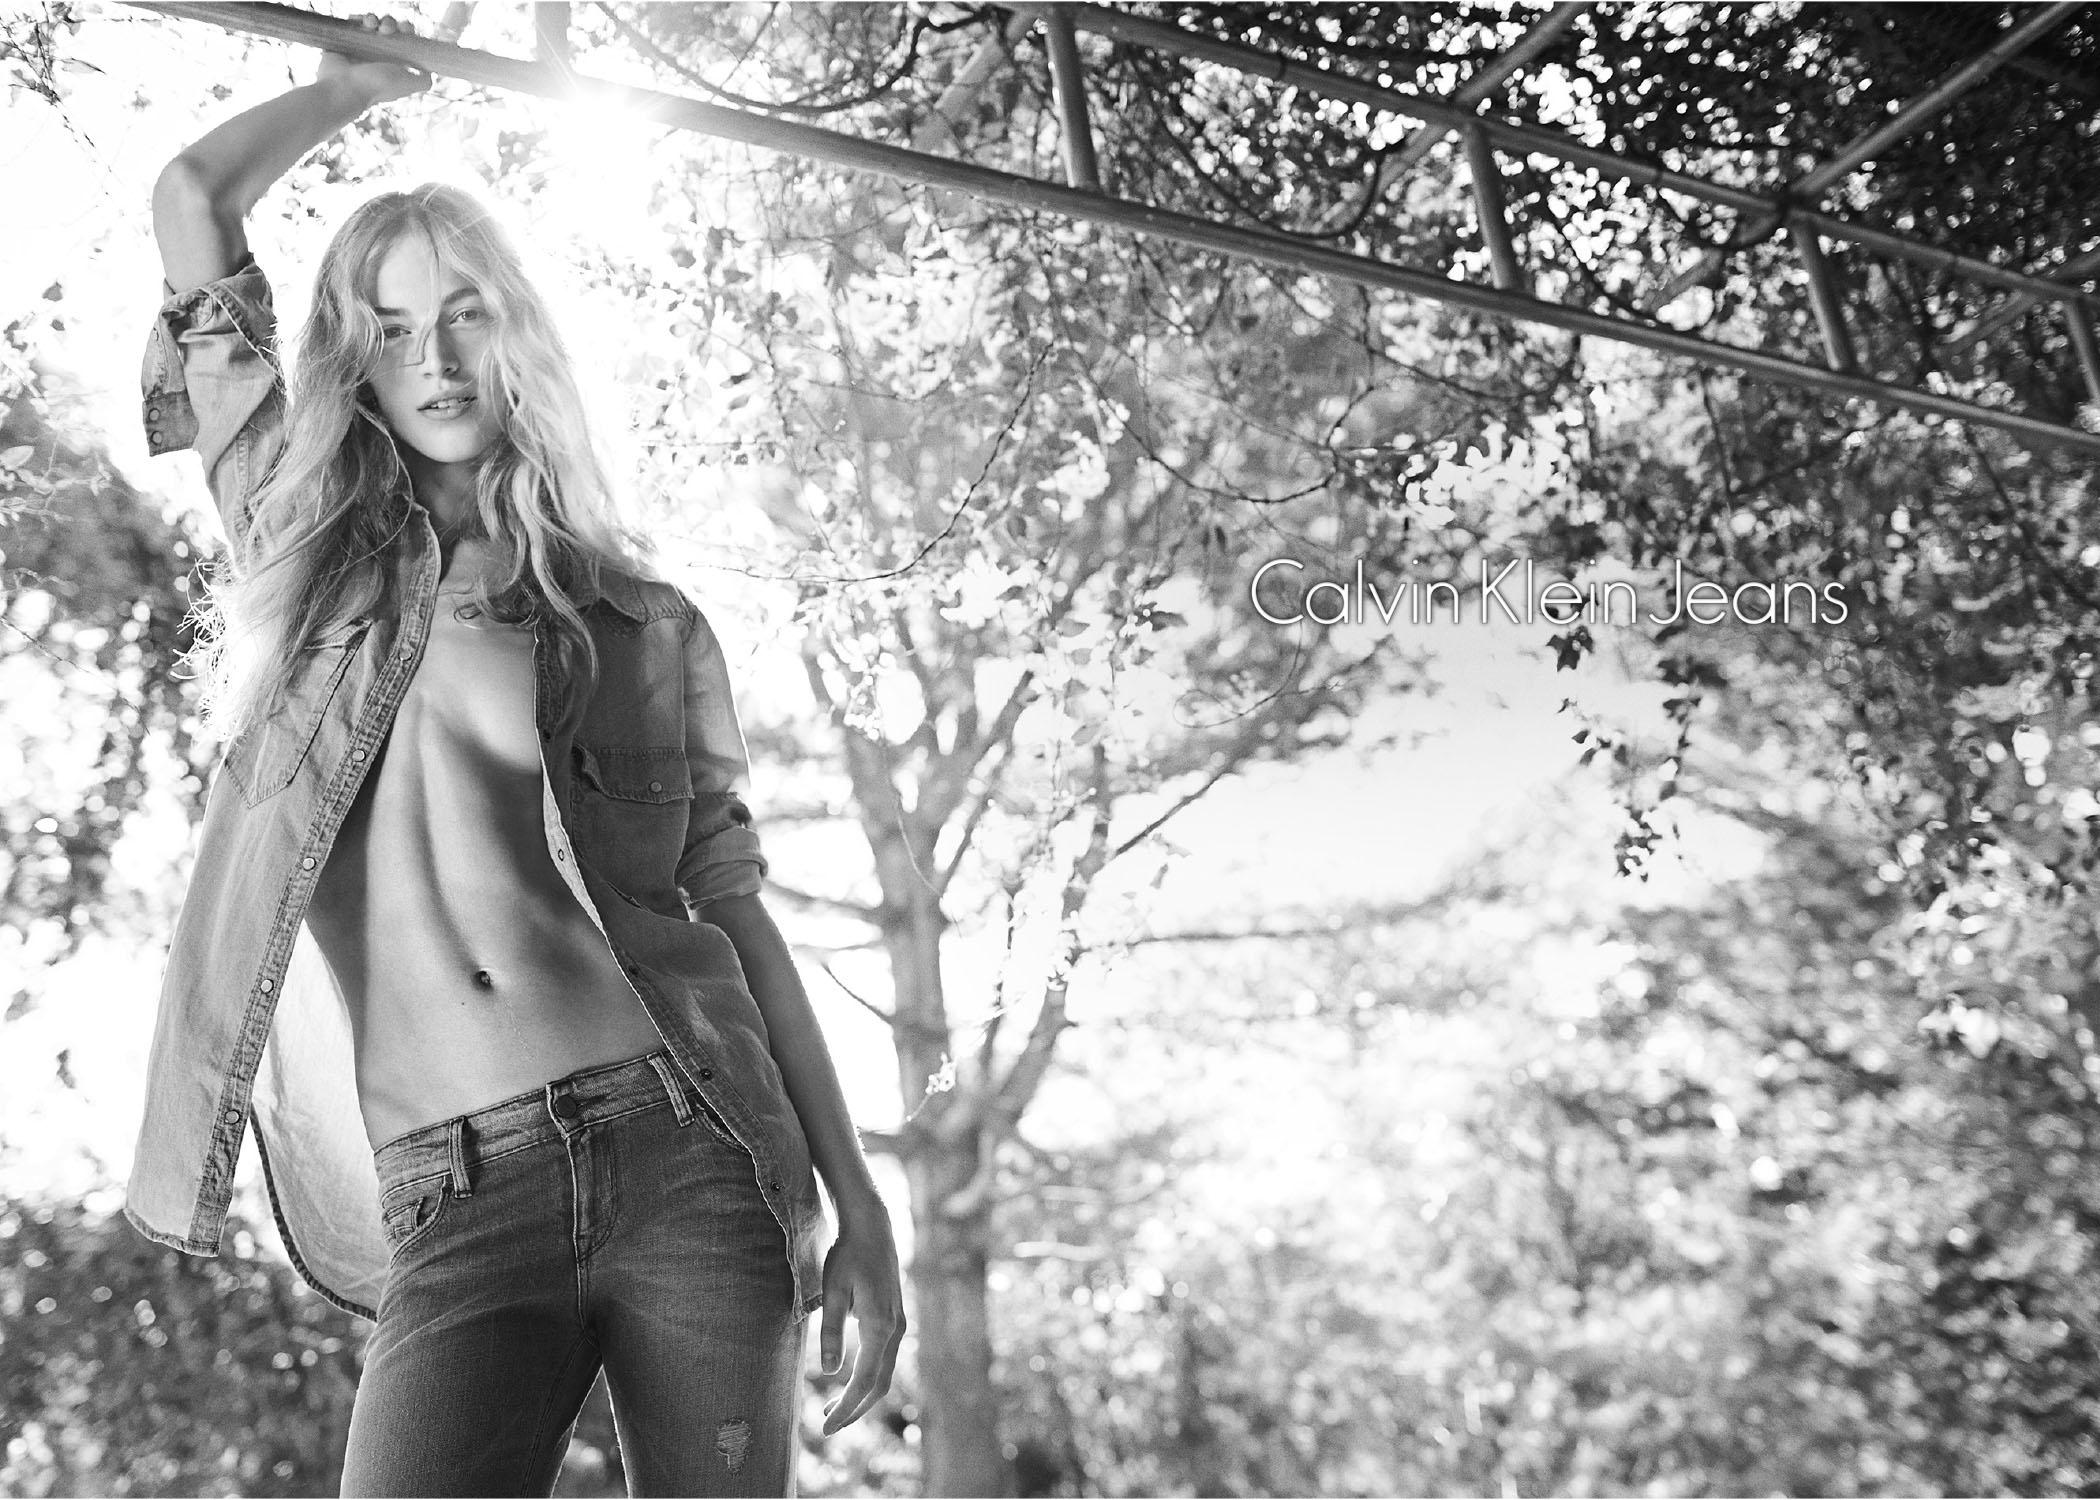 calvin-klein-jeans-s14-w_ph_sorrenti,mario_sp03